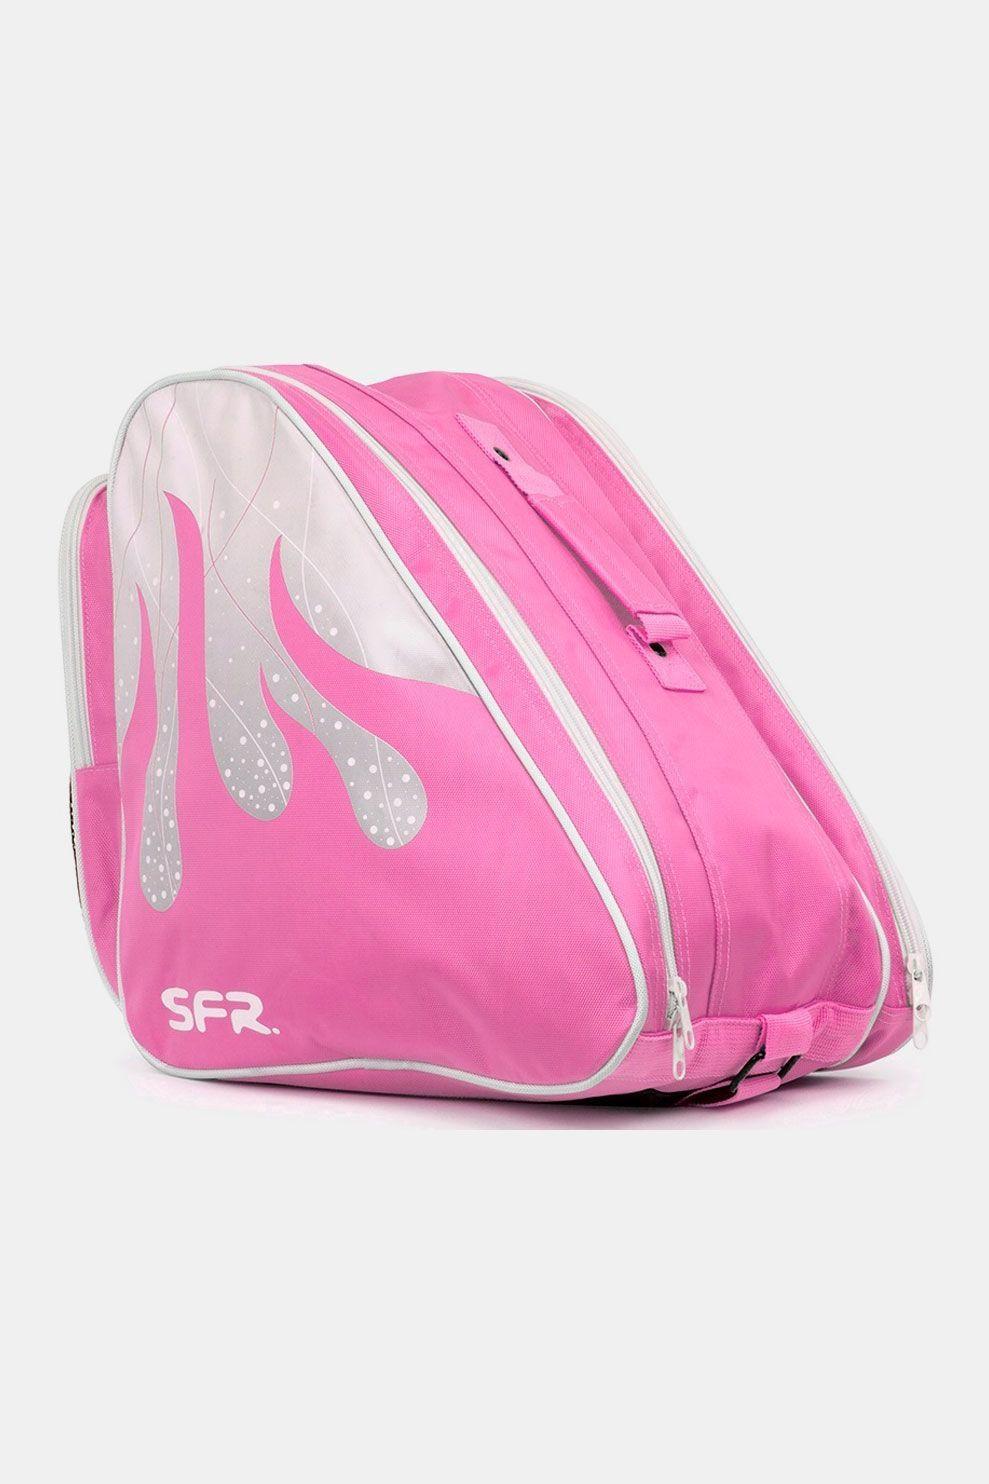 Sfr Pro Ice Bag / Schaatstas Middenroze